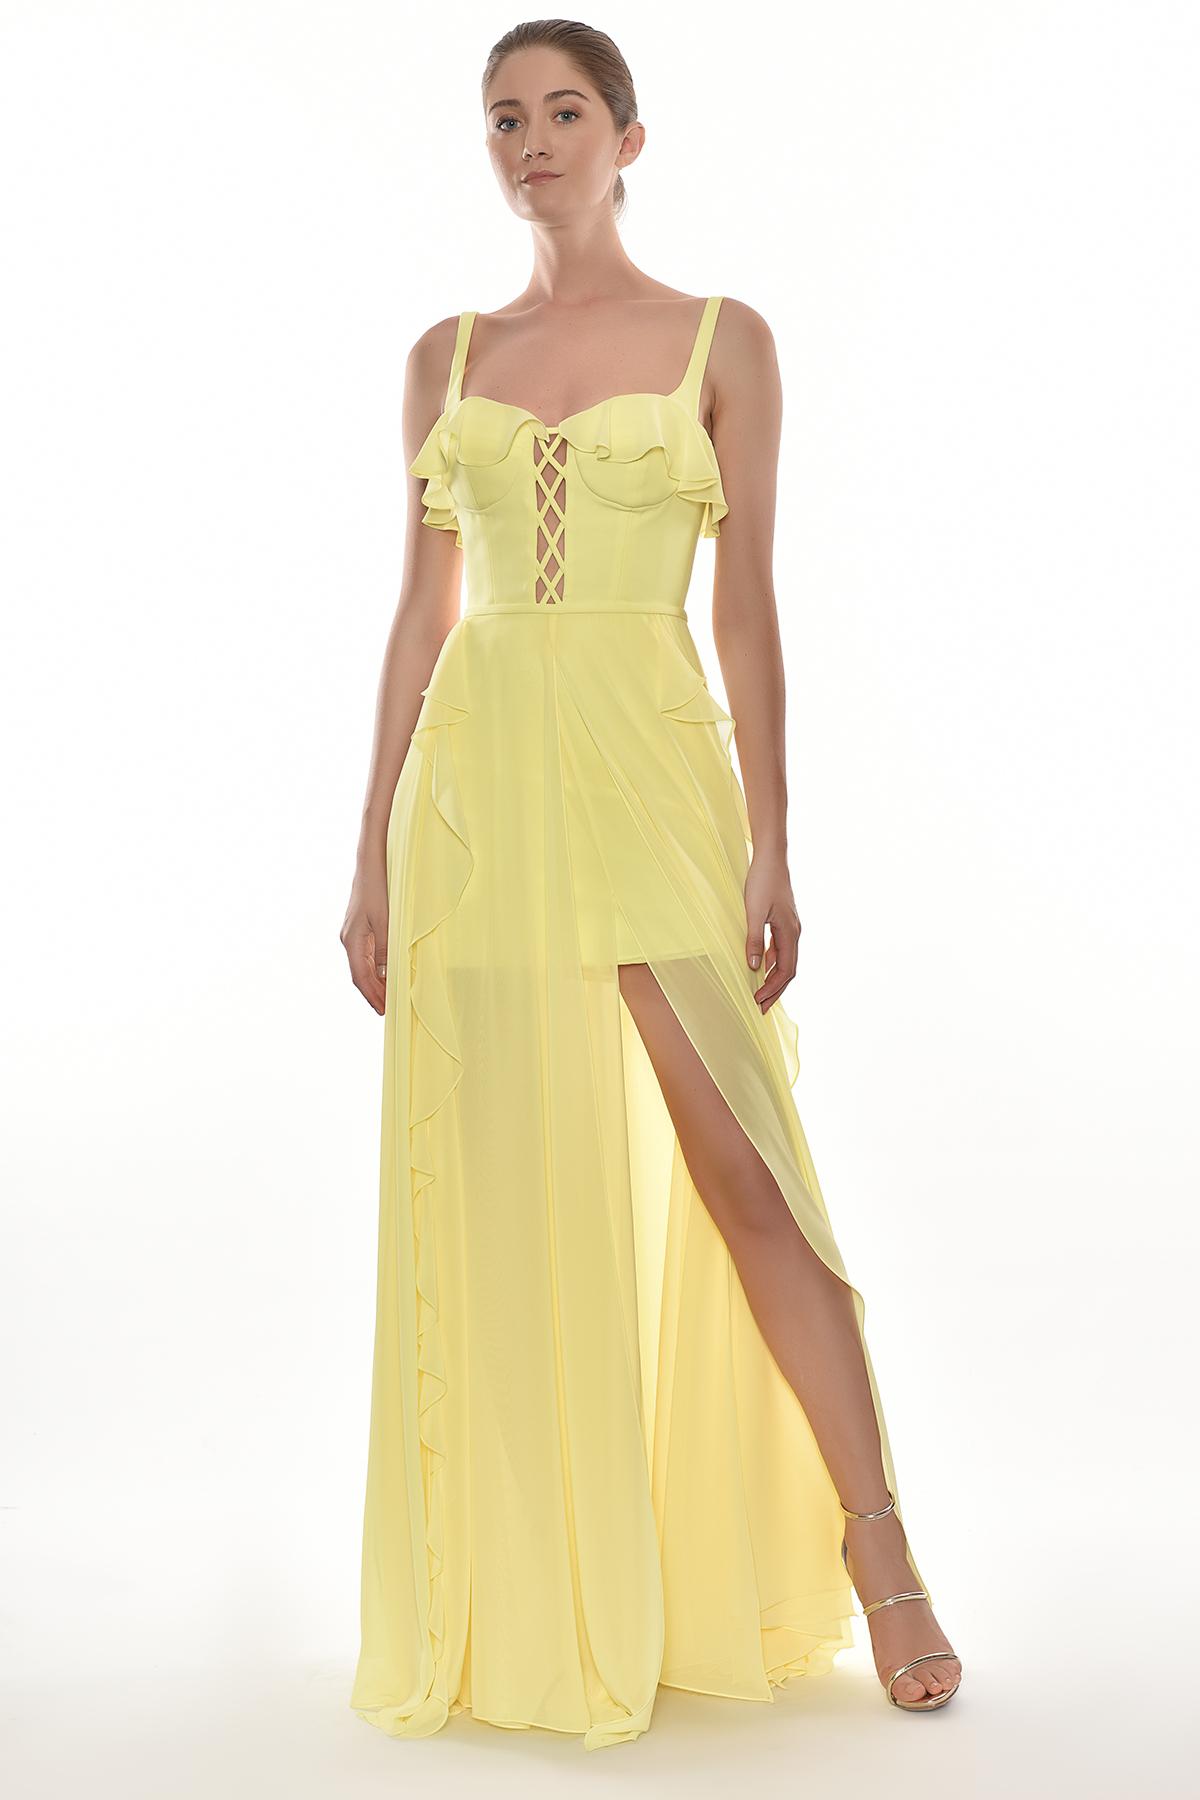 Alfa Beta - Sarı Kalın Askılı Çapraz Bant Dekolteli Şifon Uzun Elbise